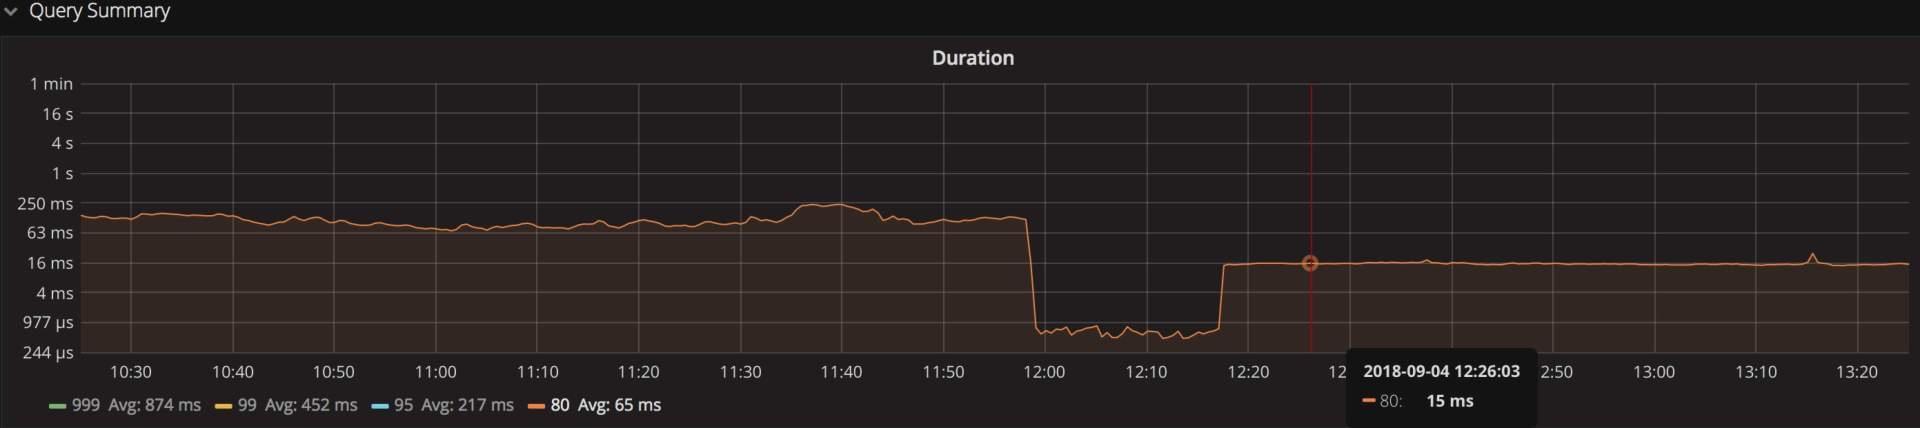 图 7 insert 响应时间优化前后对比图